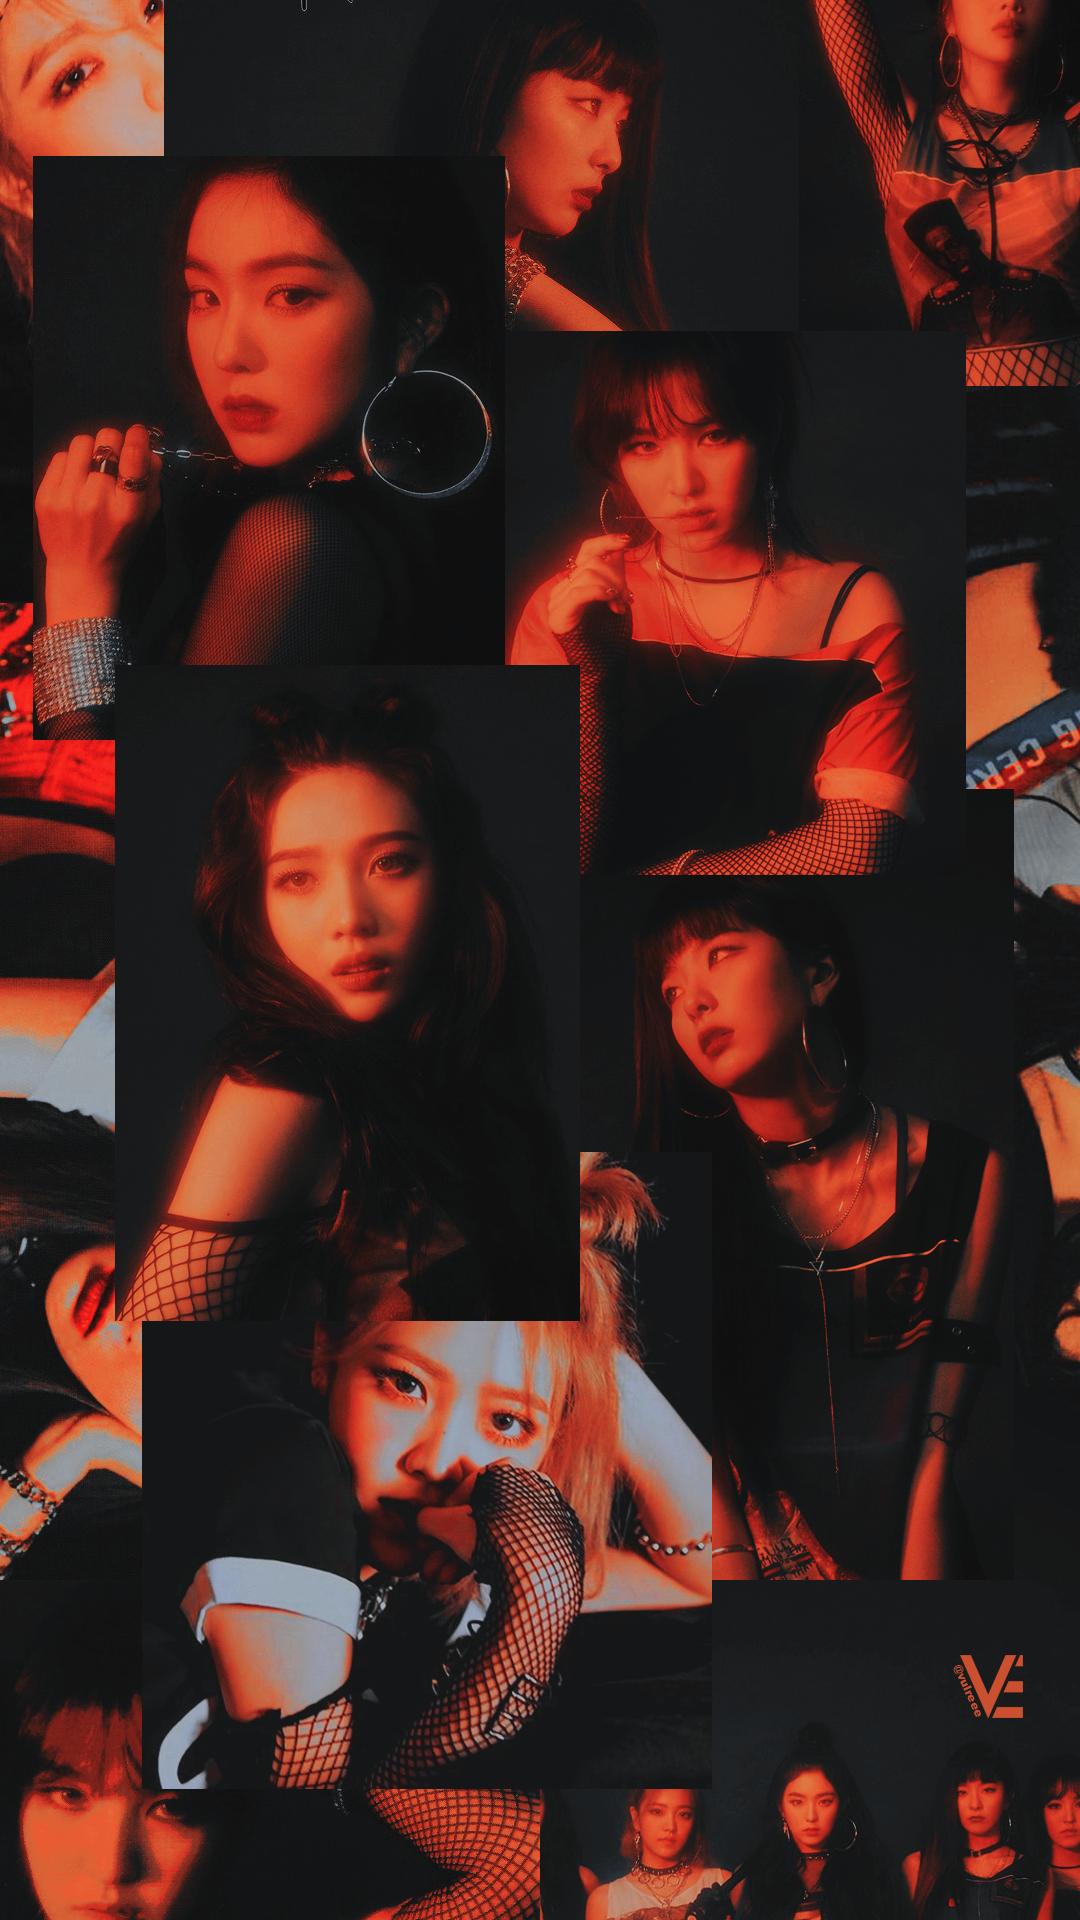 E Boy Android Iphone Desktop Hd Backgrounds Wallpapers 1080p 4k 127995 Hdwallpapers Androidwallpapers Red Aesthetic Red Velvet Velvet Wallpaper